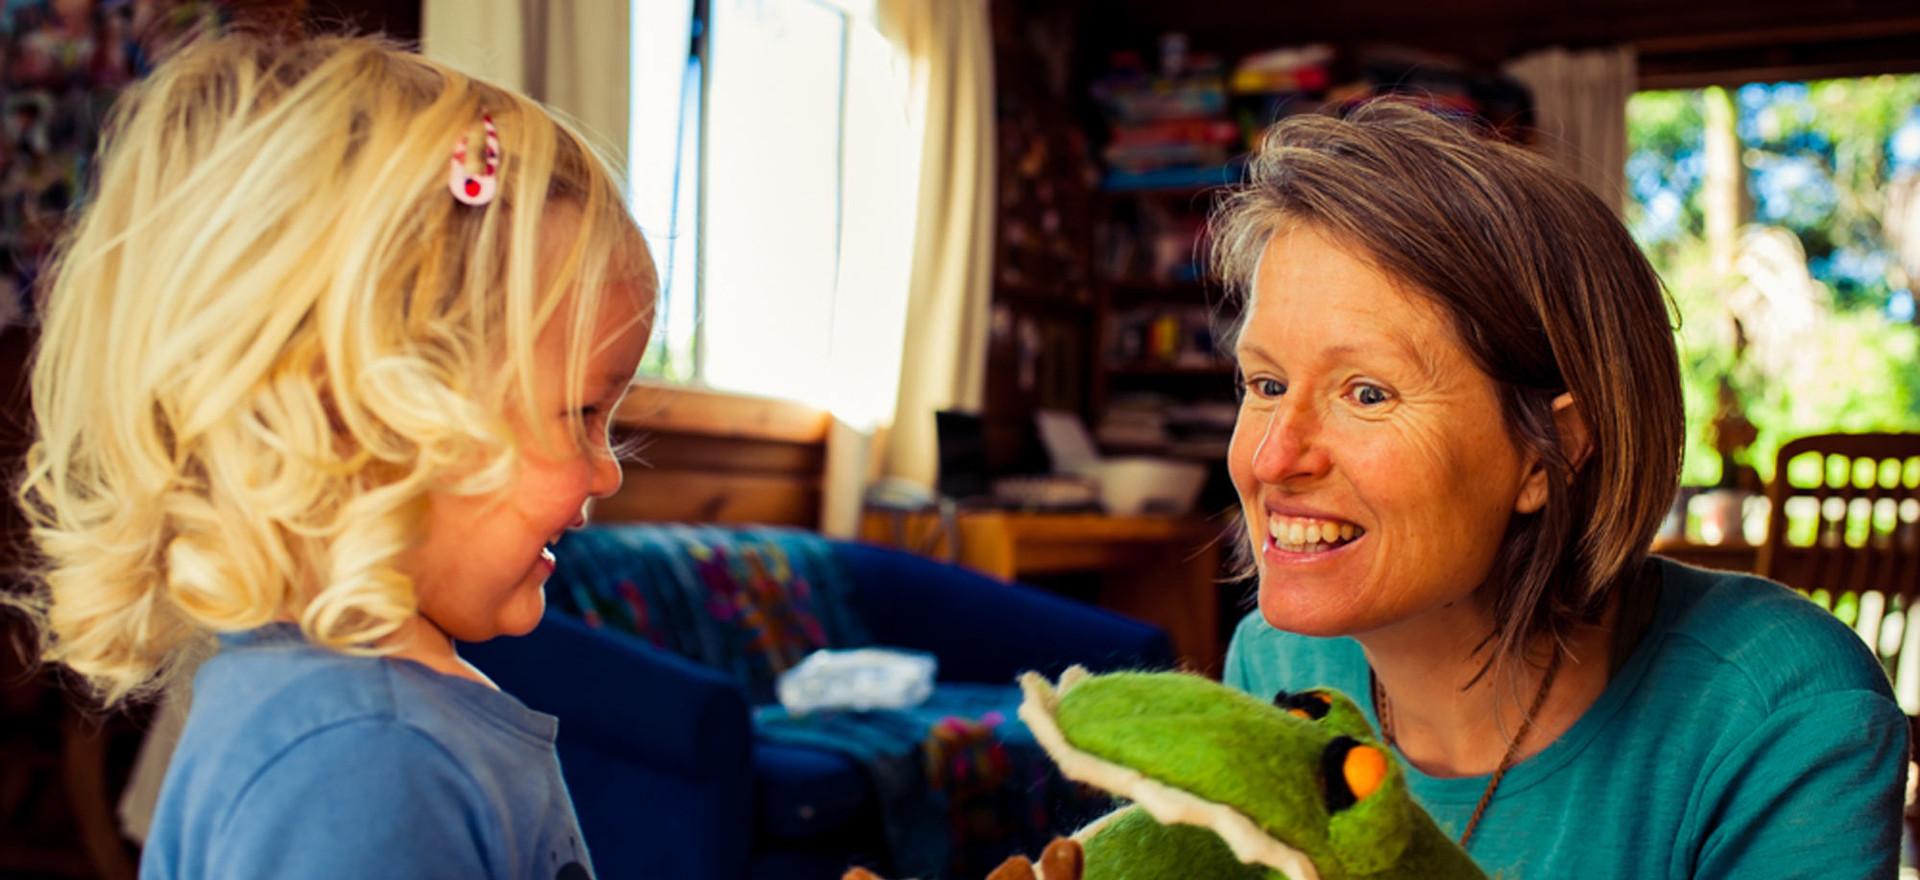 mum-daughter-5-little-monkies-puppet-jos